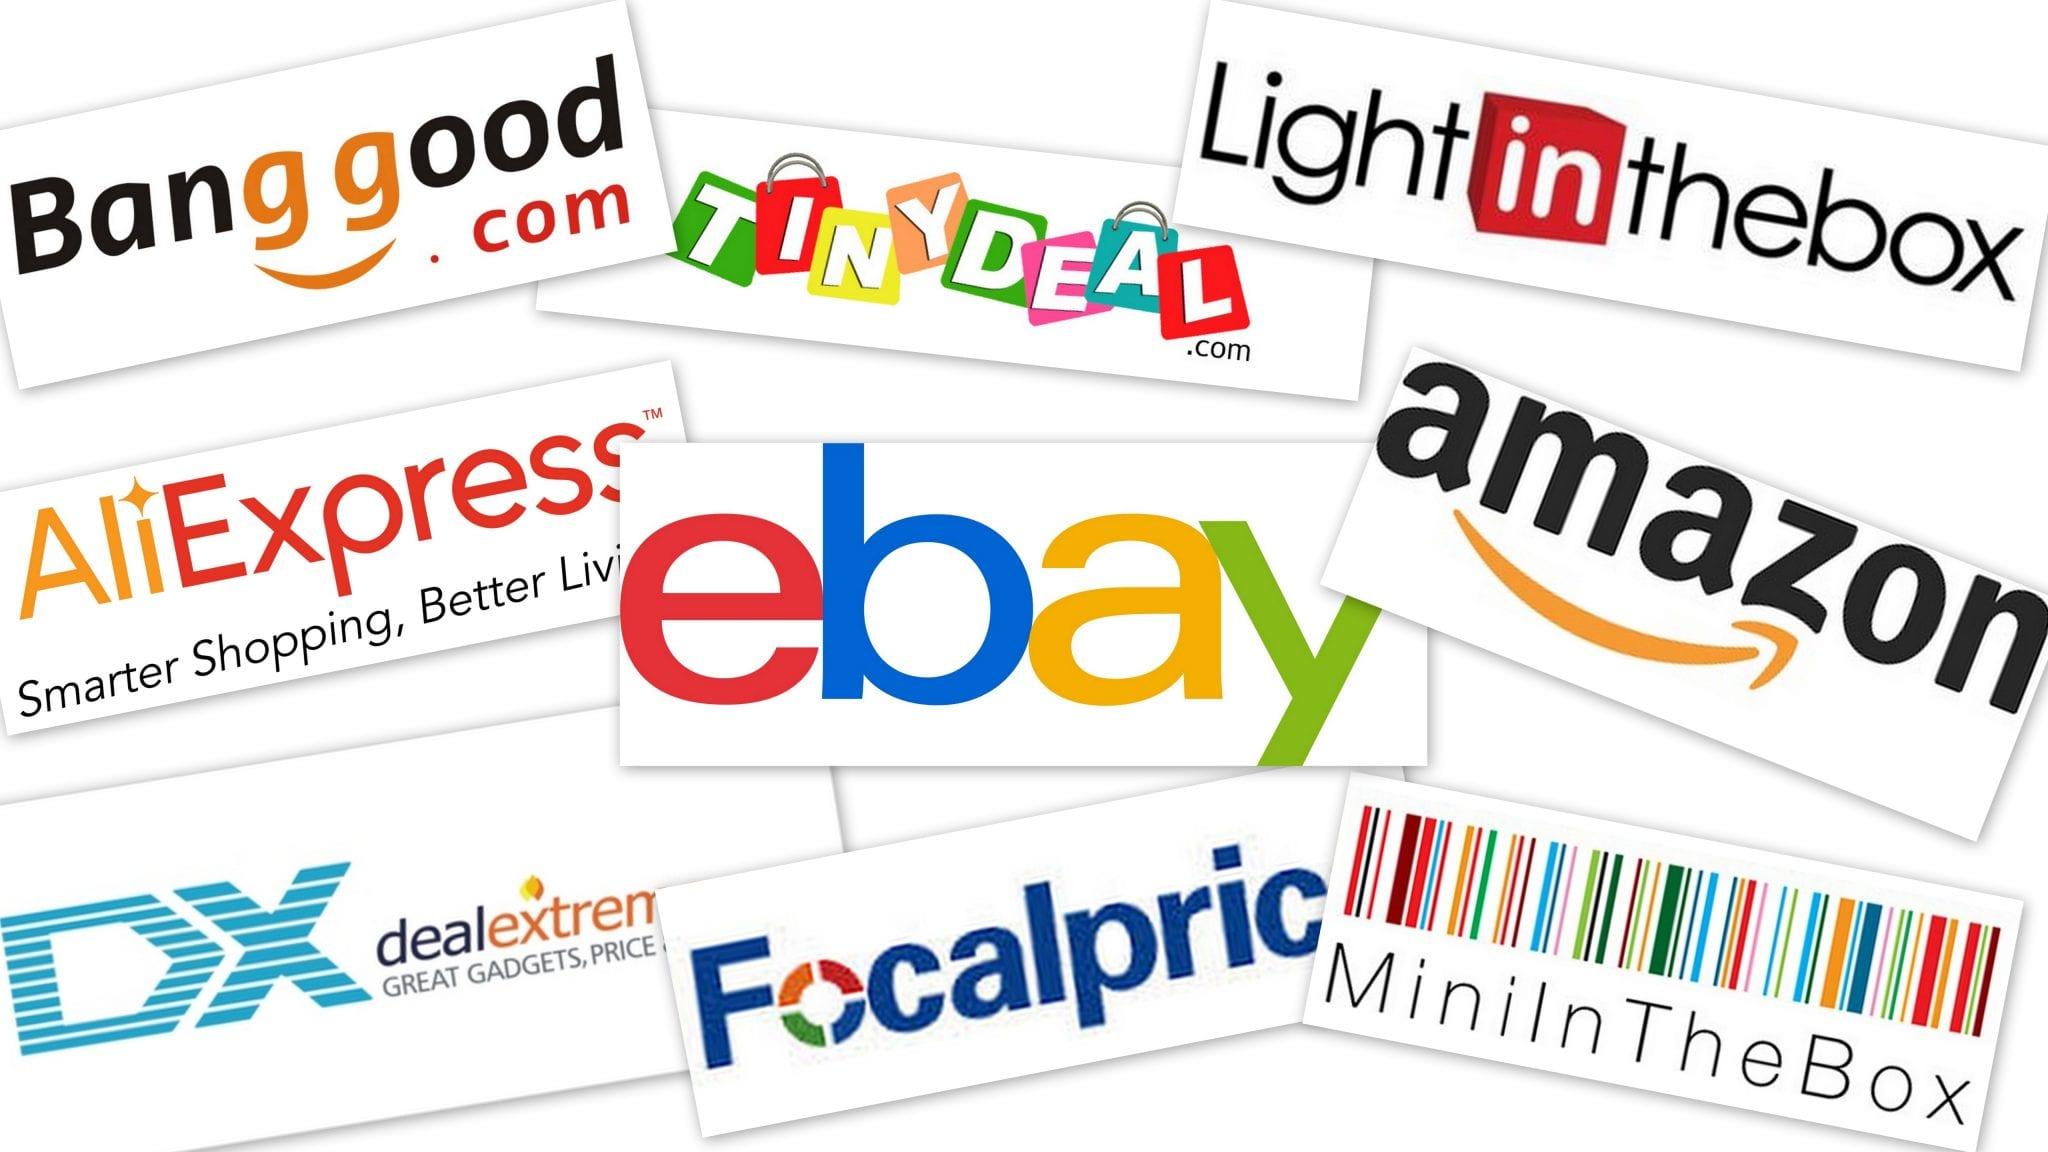 Yurtdışından Alışveriş Yapmak için En İyi Siteler   Wordpress Blogu